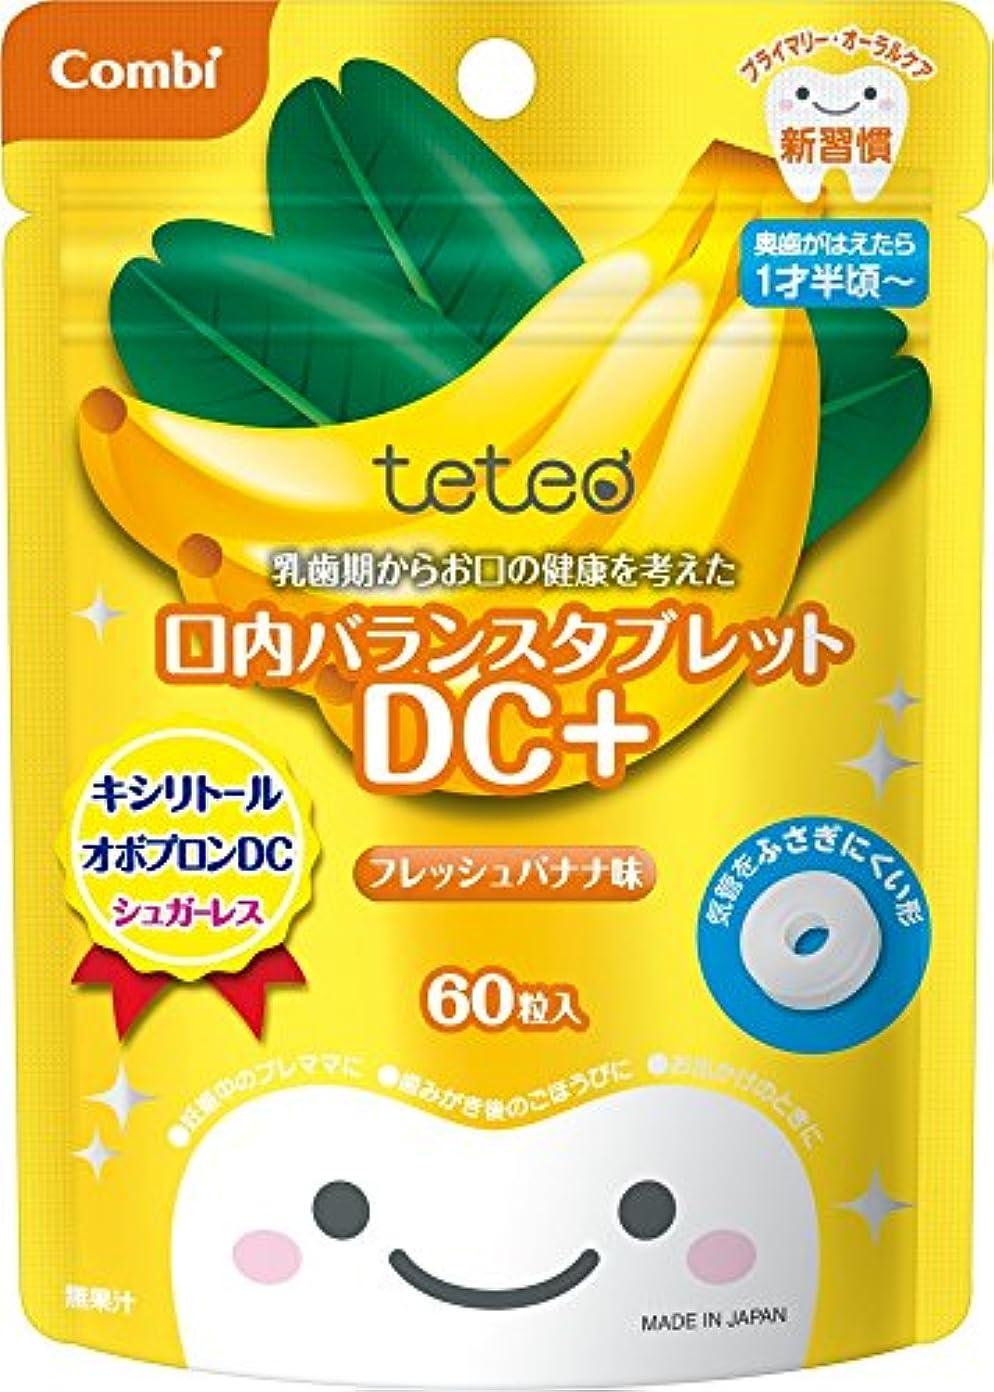 オーロック全部海嶺コンビ テテオ 乳歯期からお口の健康を考えた口内バランスタブレット DC+ フレッシュバナナ味 60粒 【対象月齢:1才半頃~】